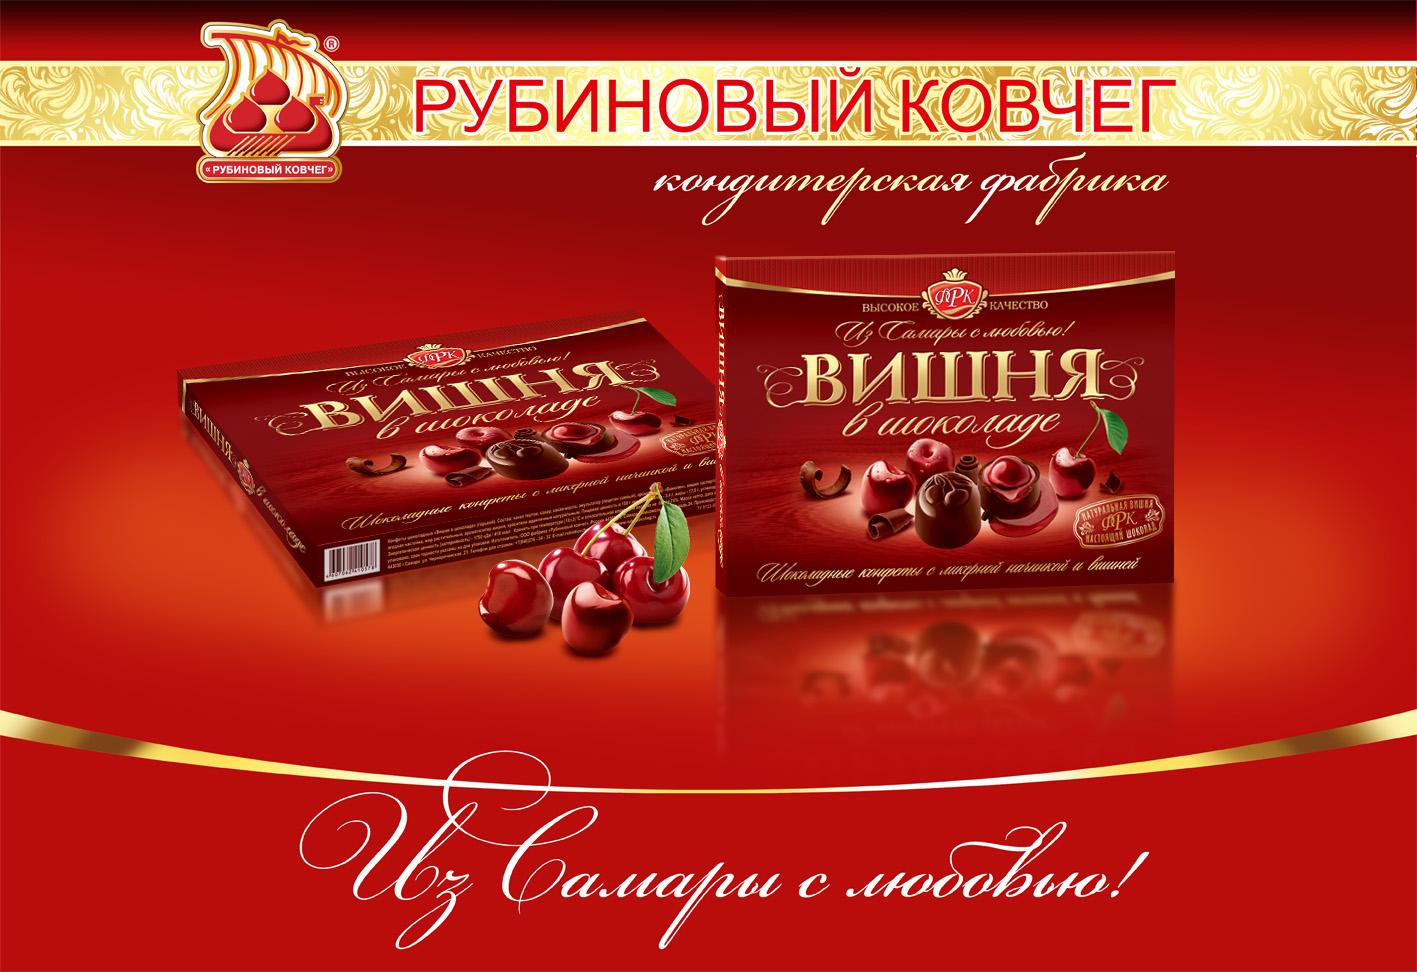 Альфа банк Онлайн: вход в личный кабинет интернет-банка, Банки Санкт-Петербурга